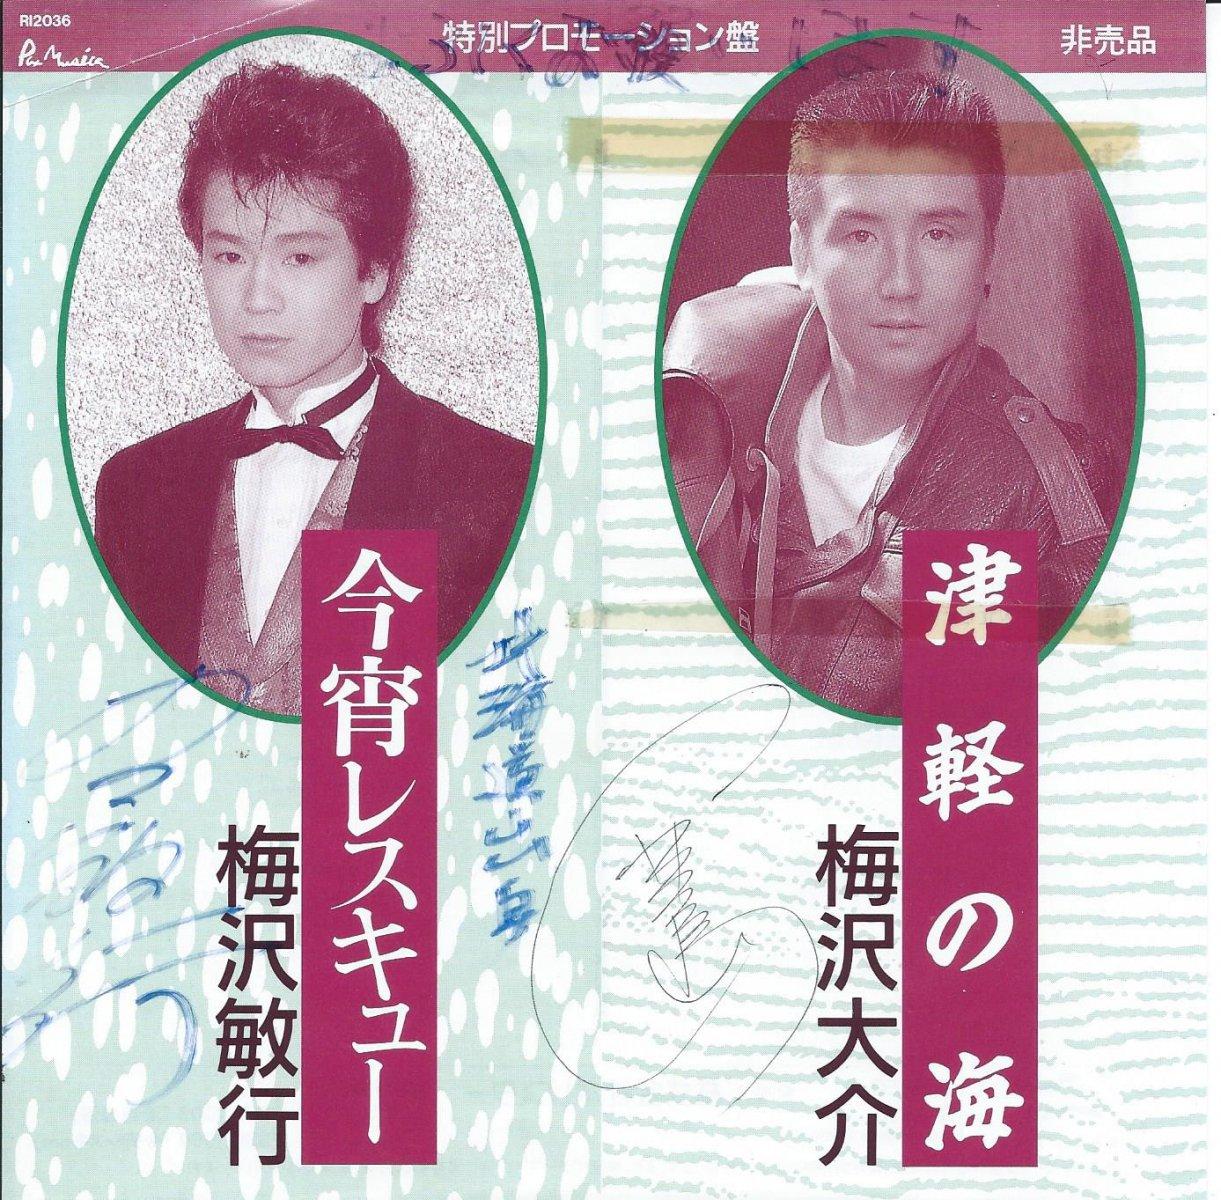 梅沢大介 DAISUKE UMEZAWA / 梅沢敏行 TOSHIYUKI UMEZAWA / 津軽の海 / 今宵レスキュー (7